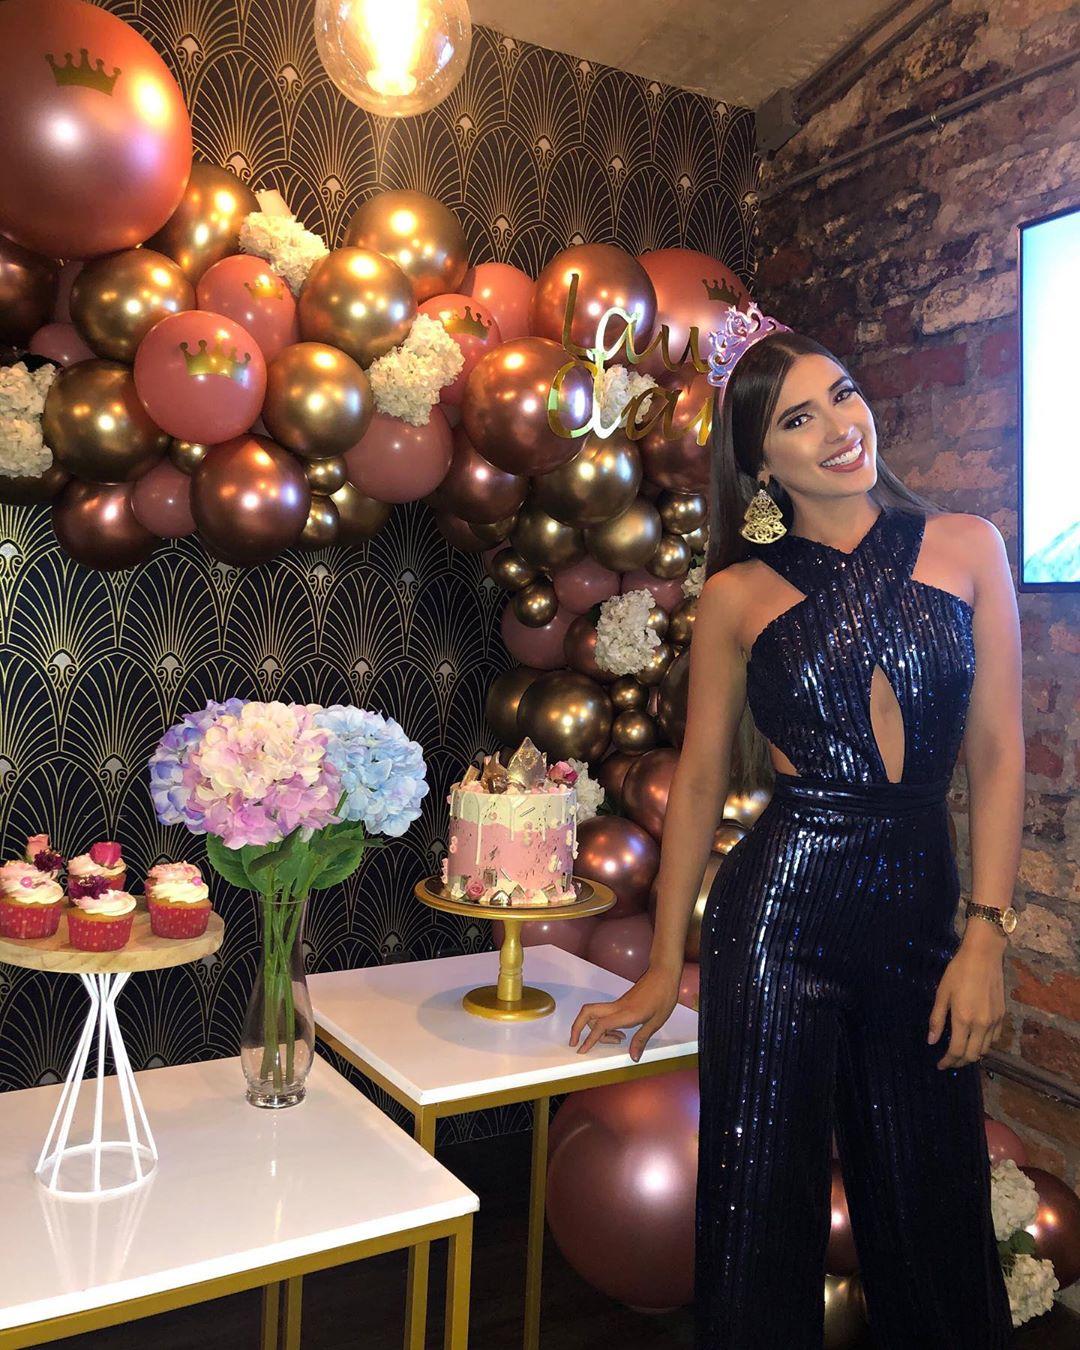 laura claro, primera finalista de reyna hispanoamericana 2019. - Página 3 74584610